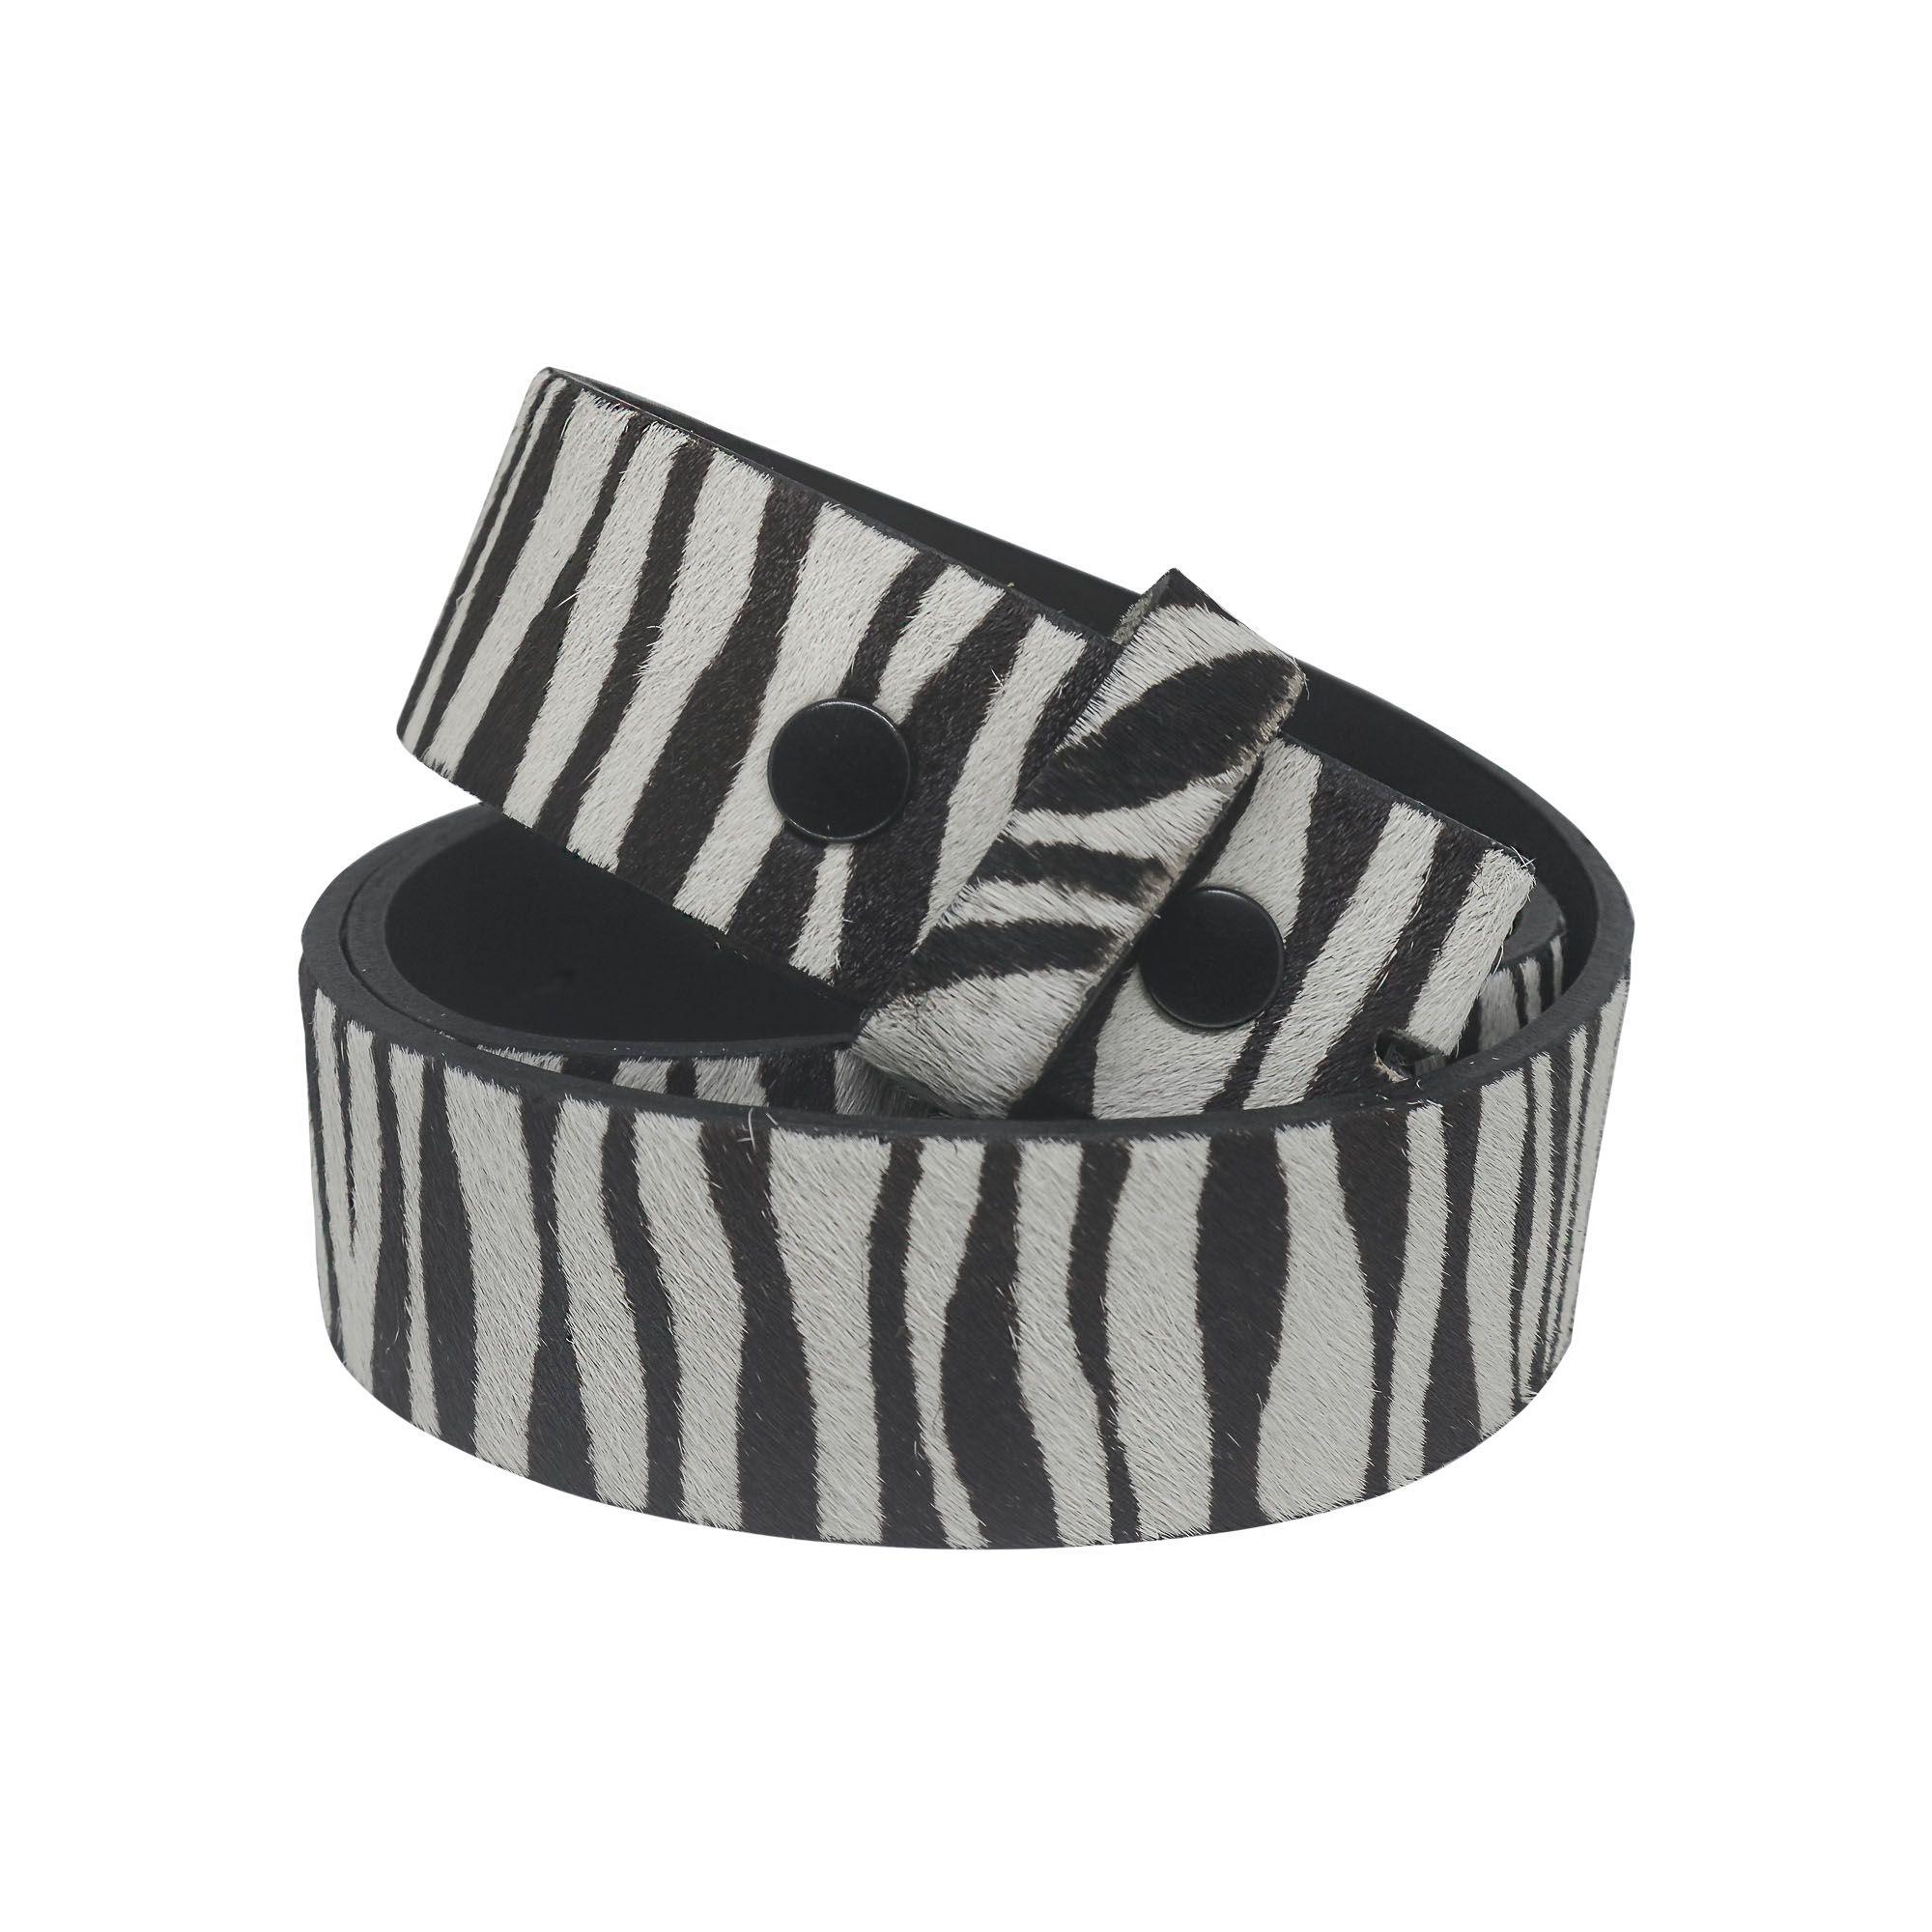 Tira de couro para encaixe de fivelas em camurça Zebra